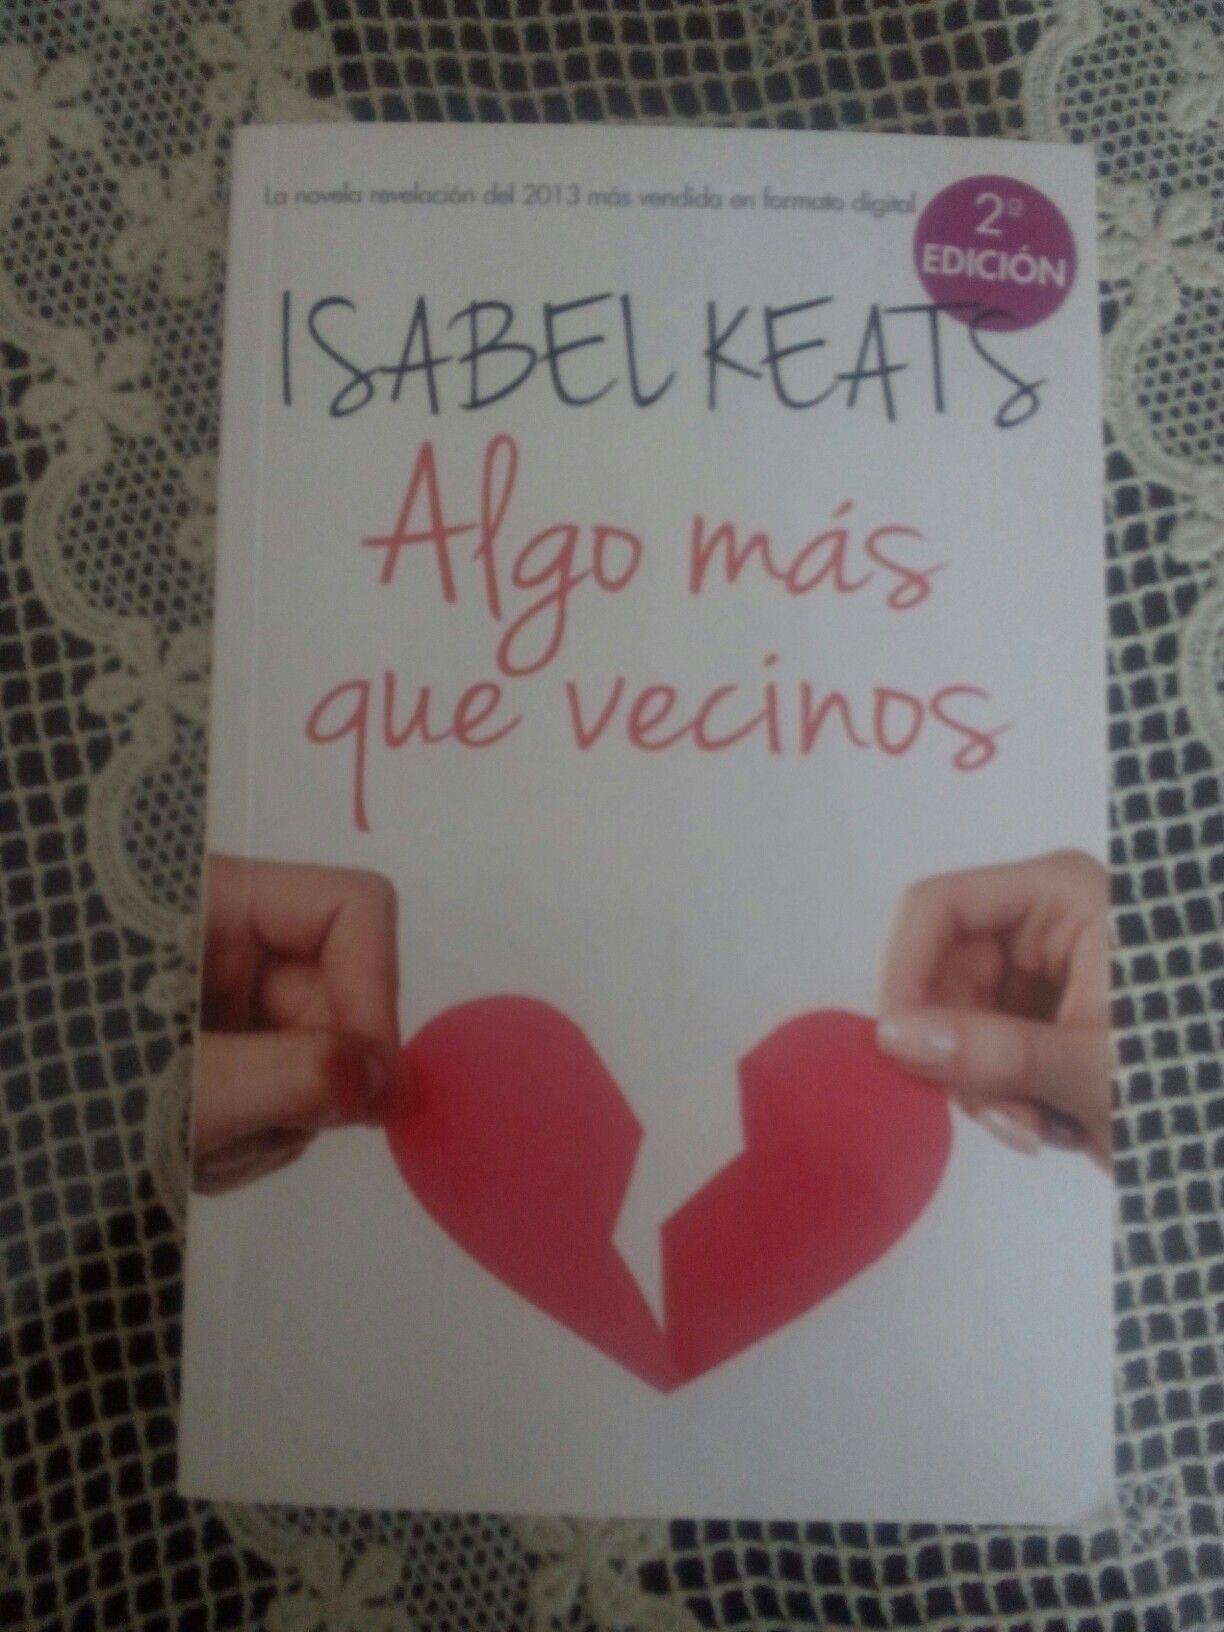 Algo Mas Que Vecinos De Isabel Keats Libros Leer Novelas